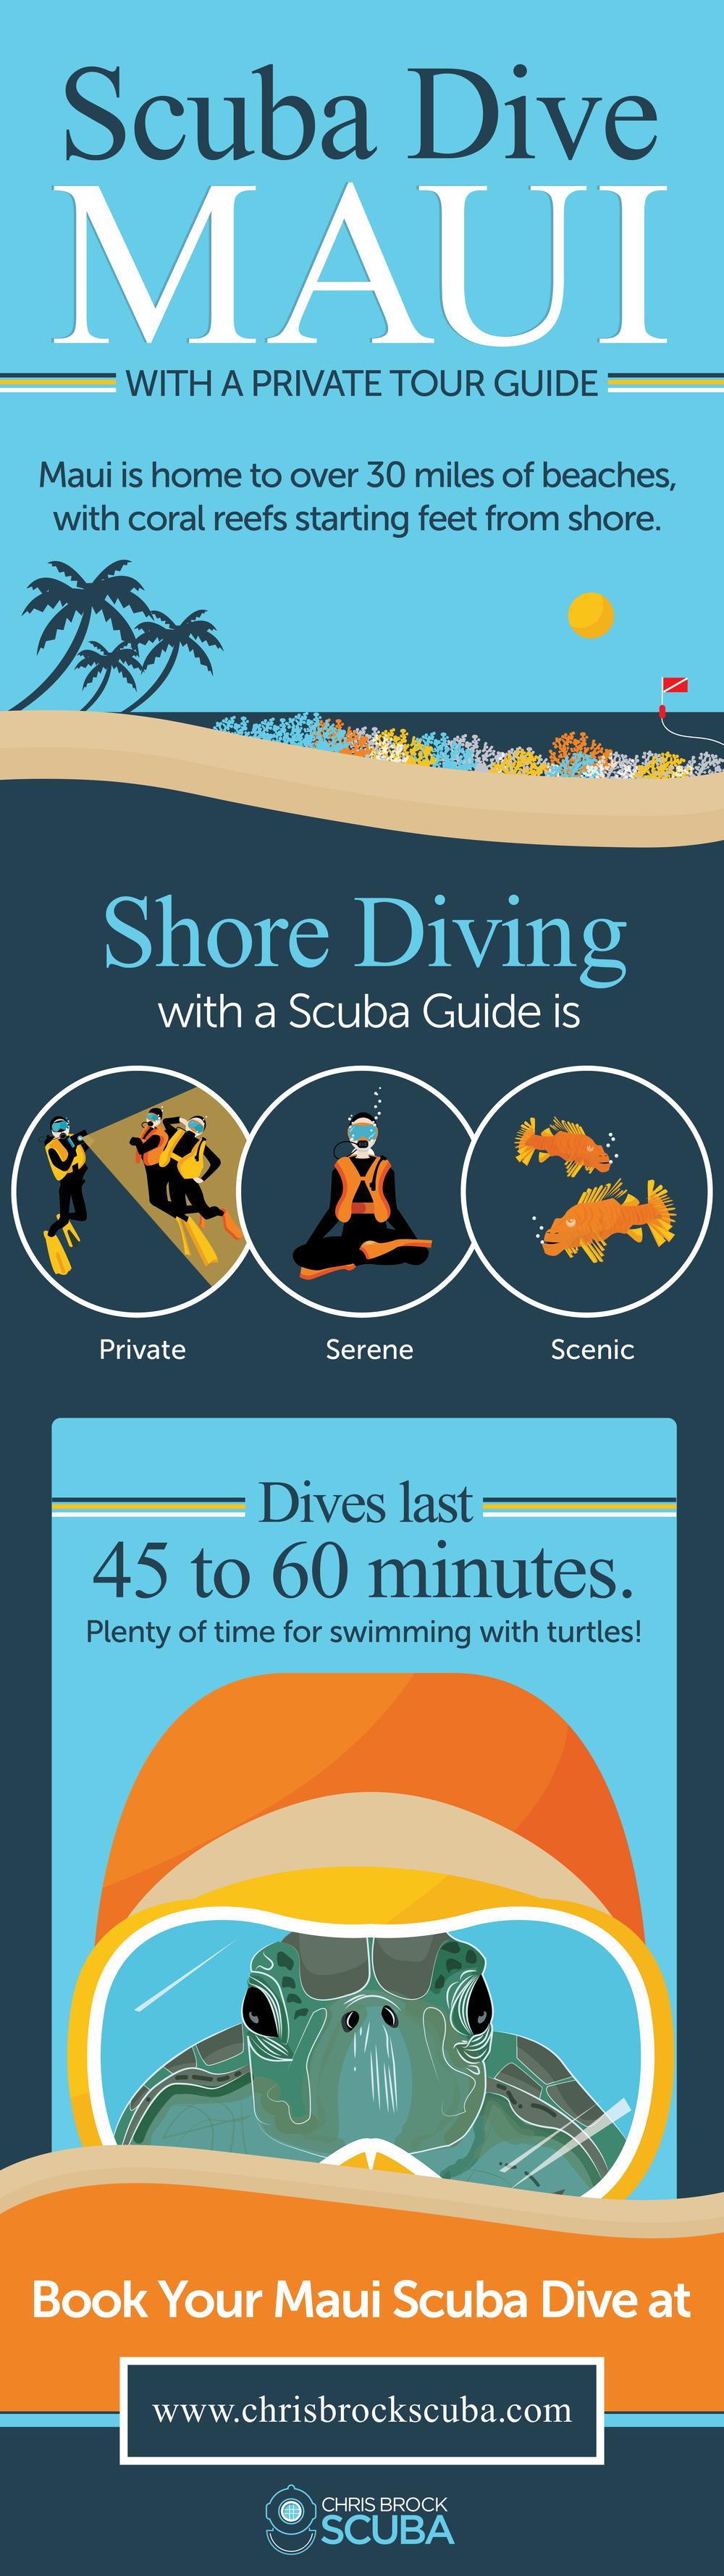 scuba-dive-maui-infographic.png